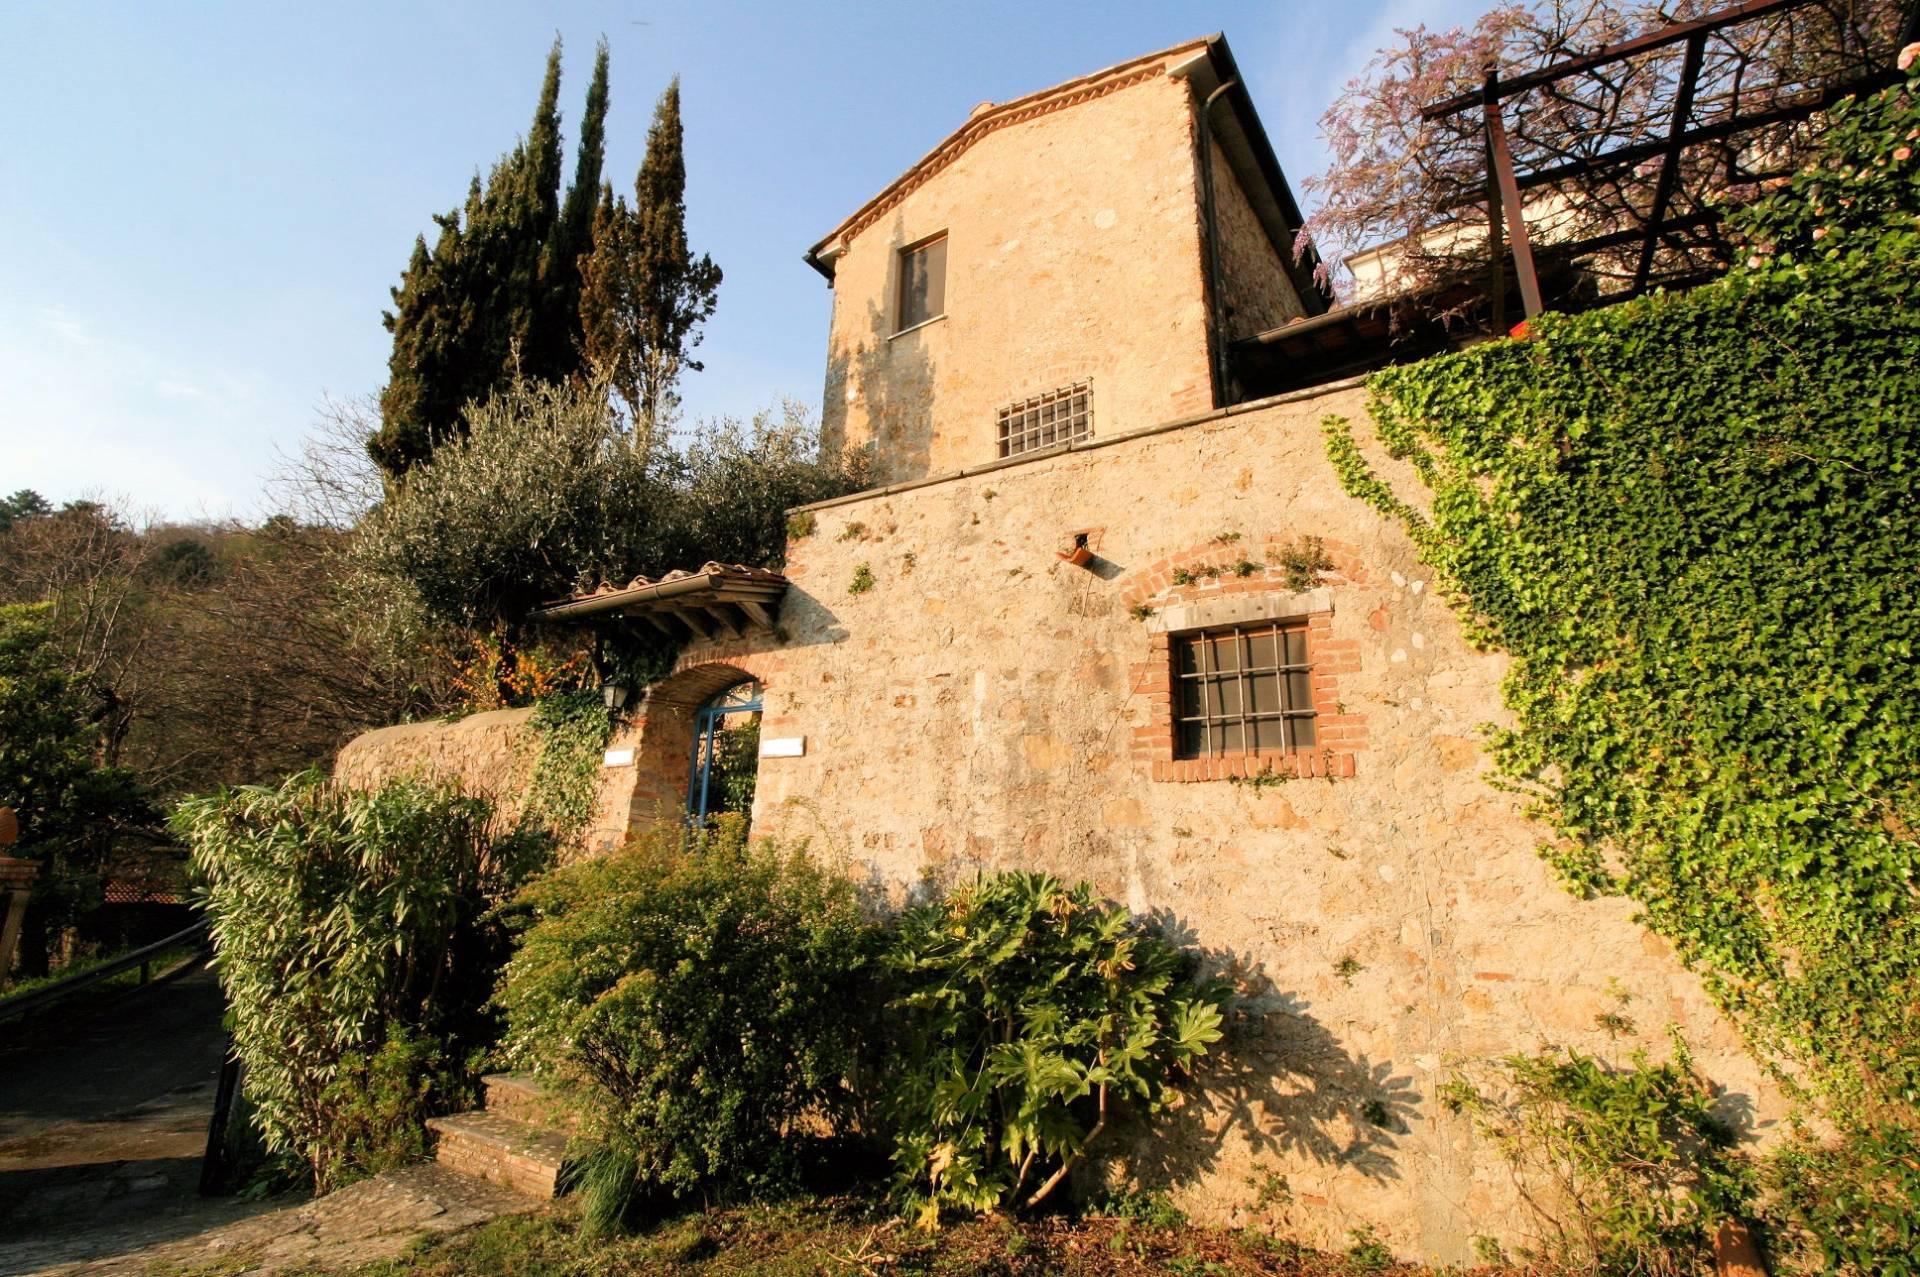 Rustico / Casale in vendita a Pietrasanta, 5 locali, prezzo € 620.000 | Cambio Casa.it